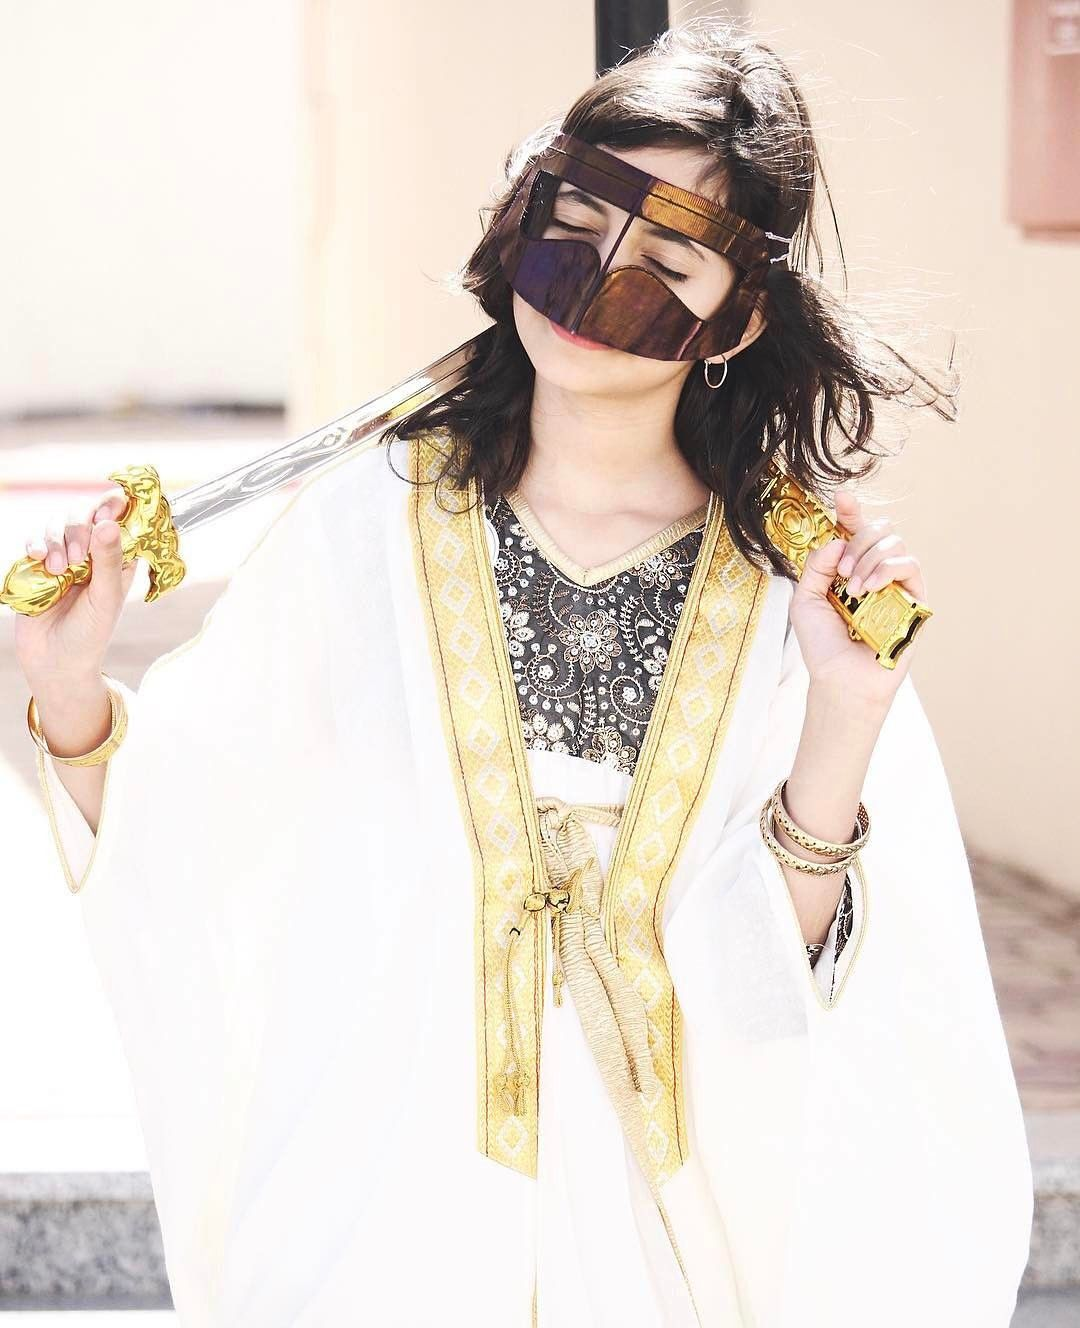 سكبة البرقع على عيونك هلاك والهلاك انك بلا برقع جميله ㅤ By Njooddu ㅤㅤㅤㅤ Chosen By Rawasi ㅤ Rating Out Of 5 1 التقييم مـن 5 ㅤ ت Fashion Maryam Burqa